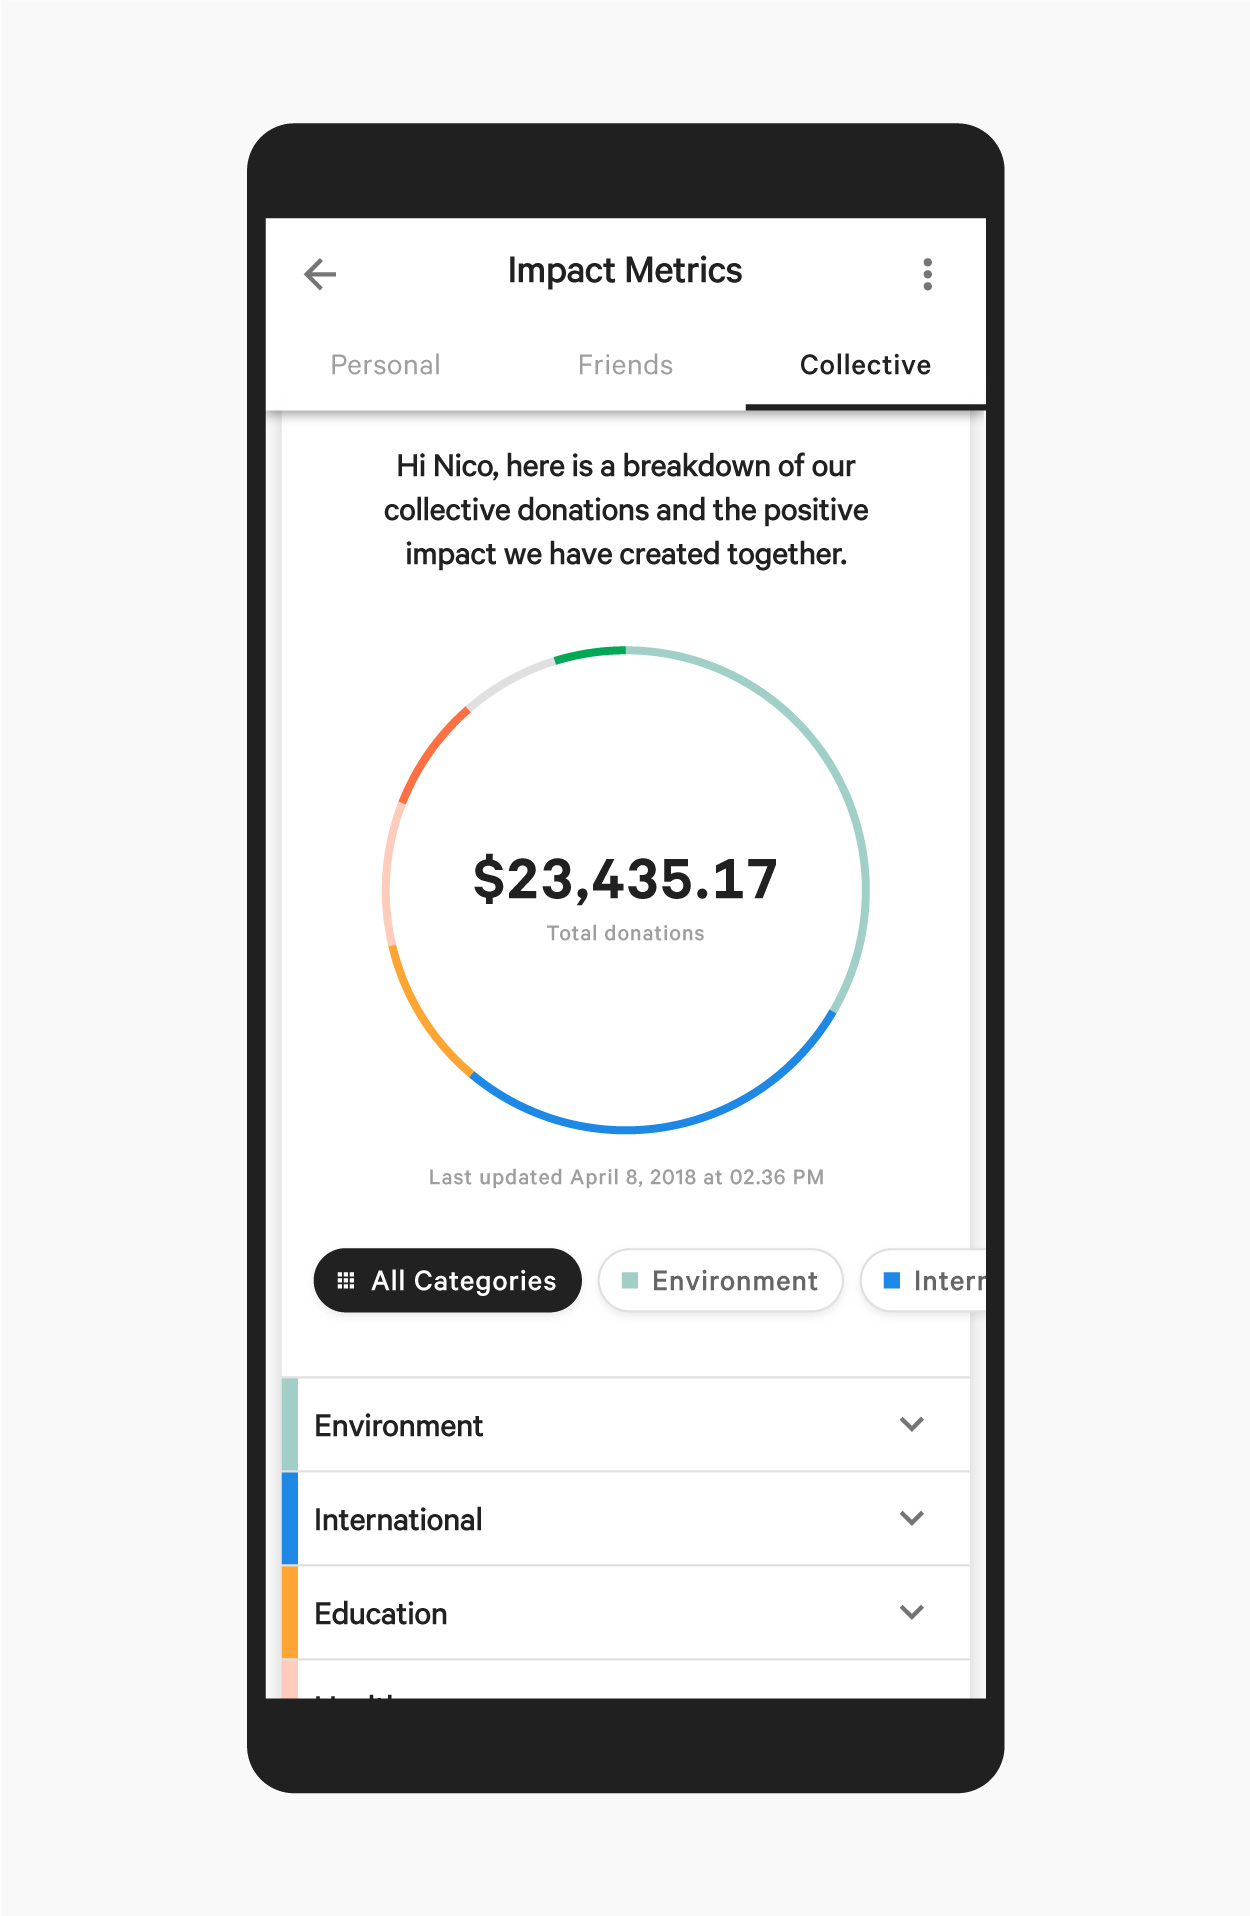 Impact-Metrics-Screen.jpg